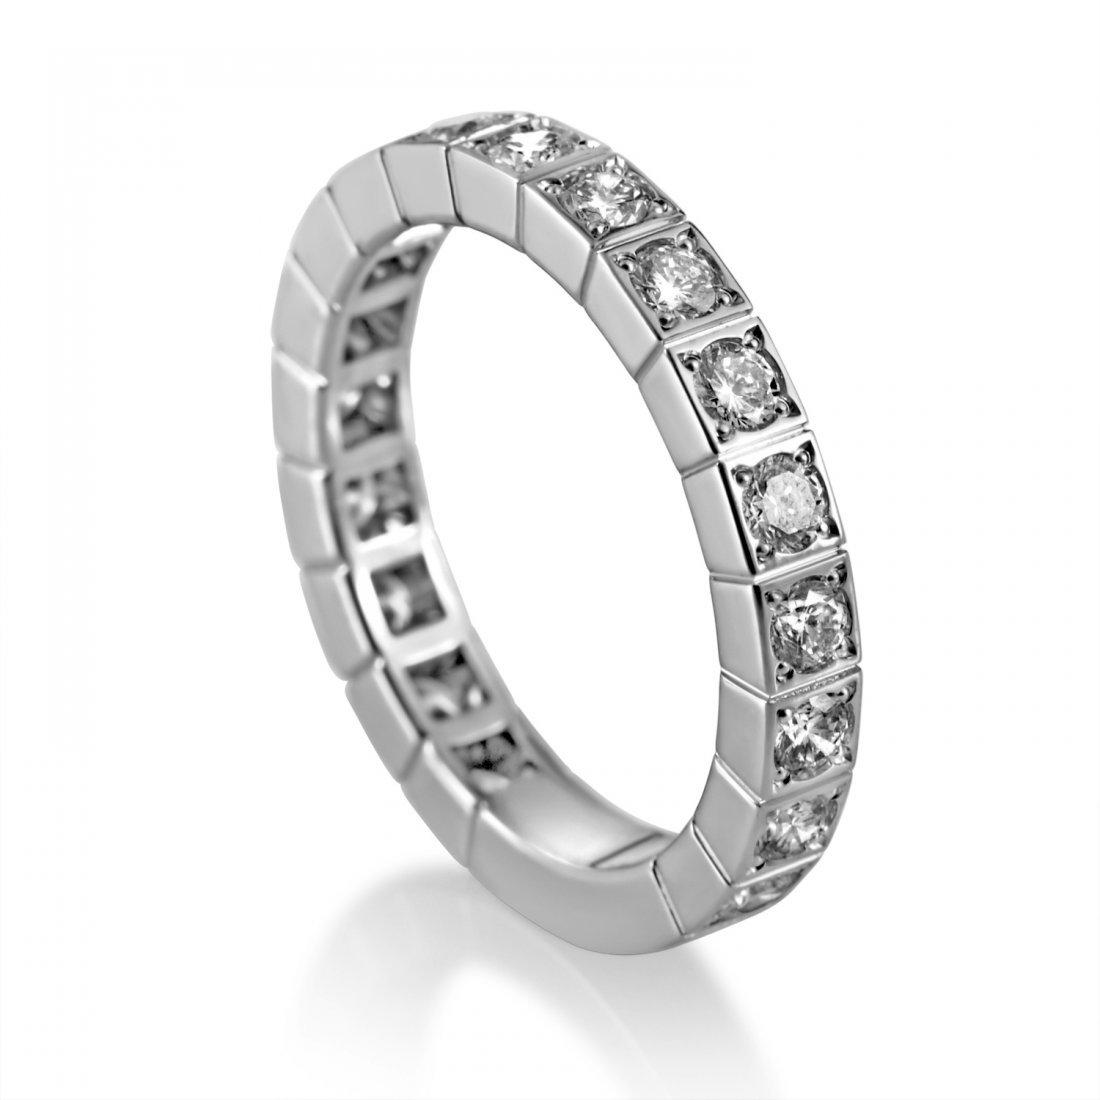 Cartier Lanieres 18K White Gold Diamond Ring AK1B2902